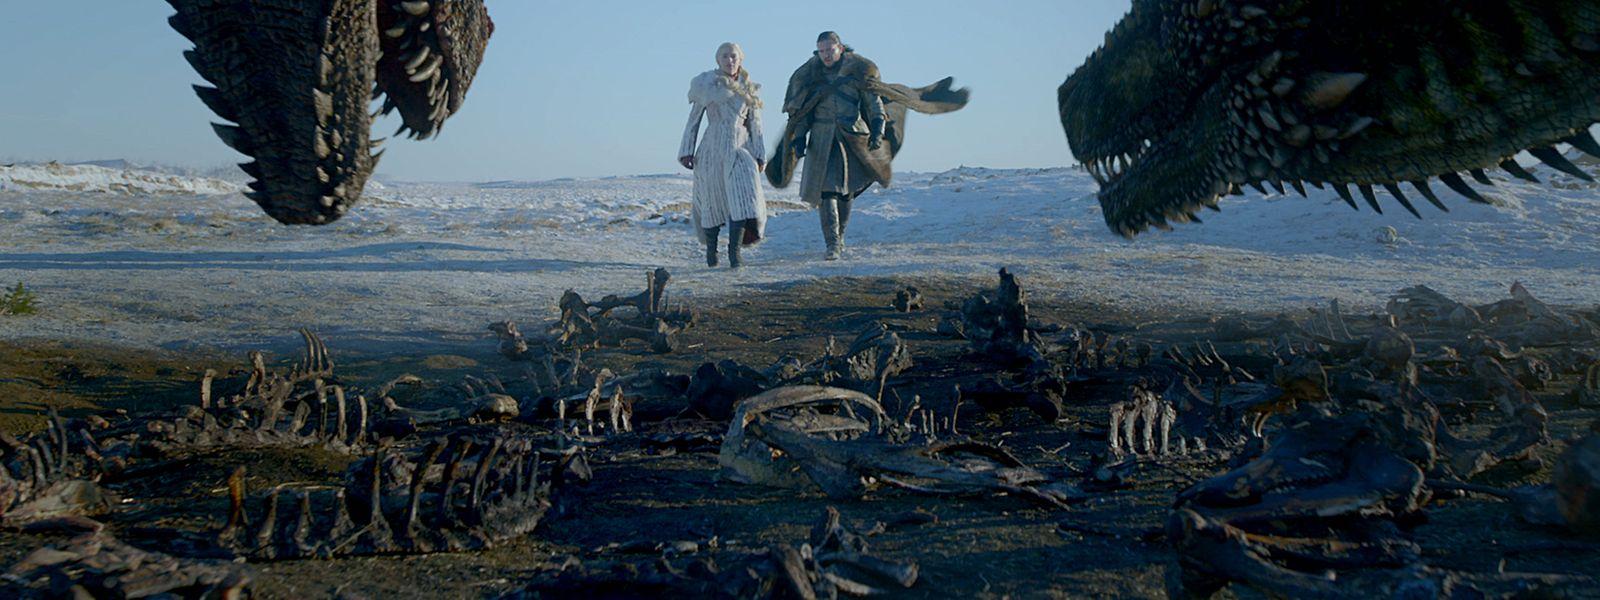 """Die achte und letzte Staffel von """"Game of Thrones"""" wird ab dem 14. April ausgestrahlt."""